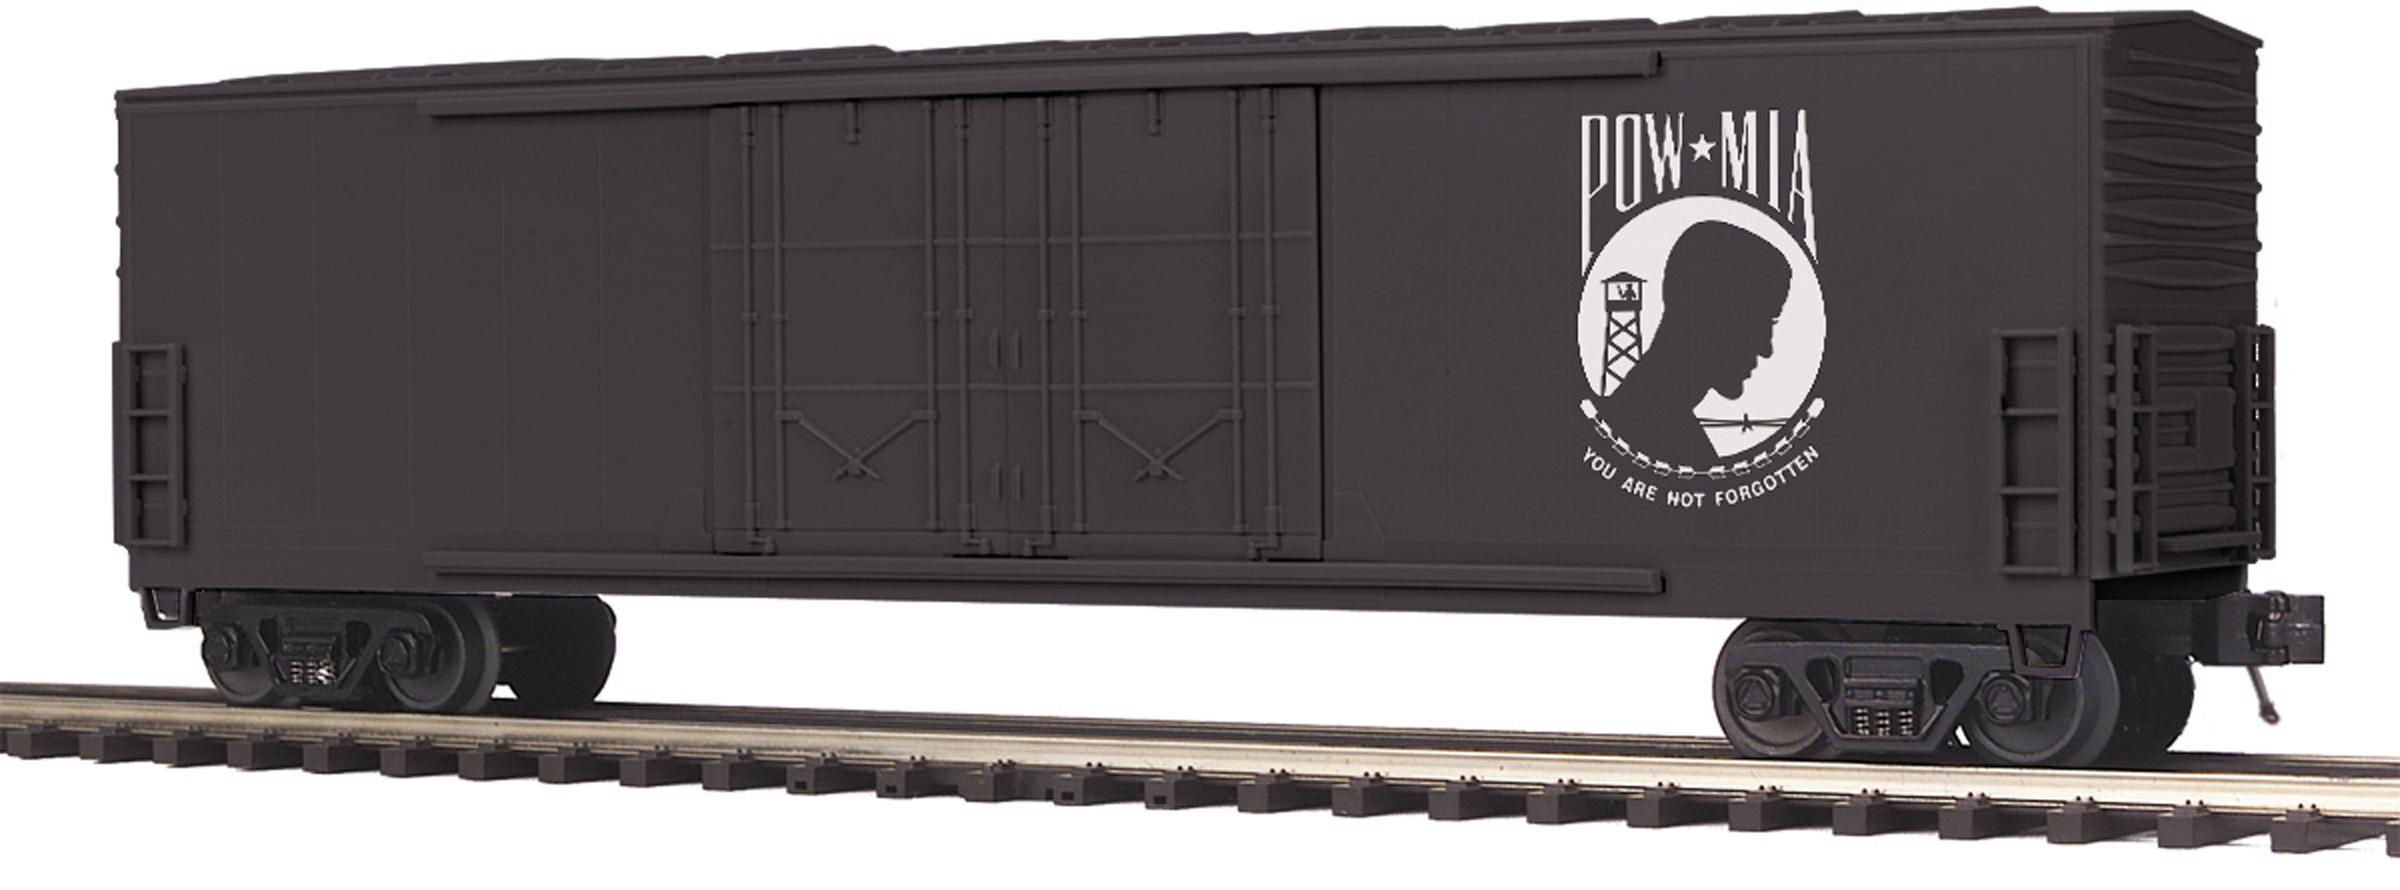 MTH 20-93756 50' Double Plug Door Boxcar 3 Rail Premier Union Pacific